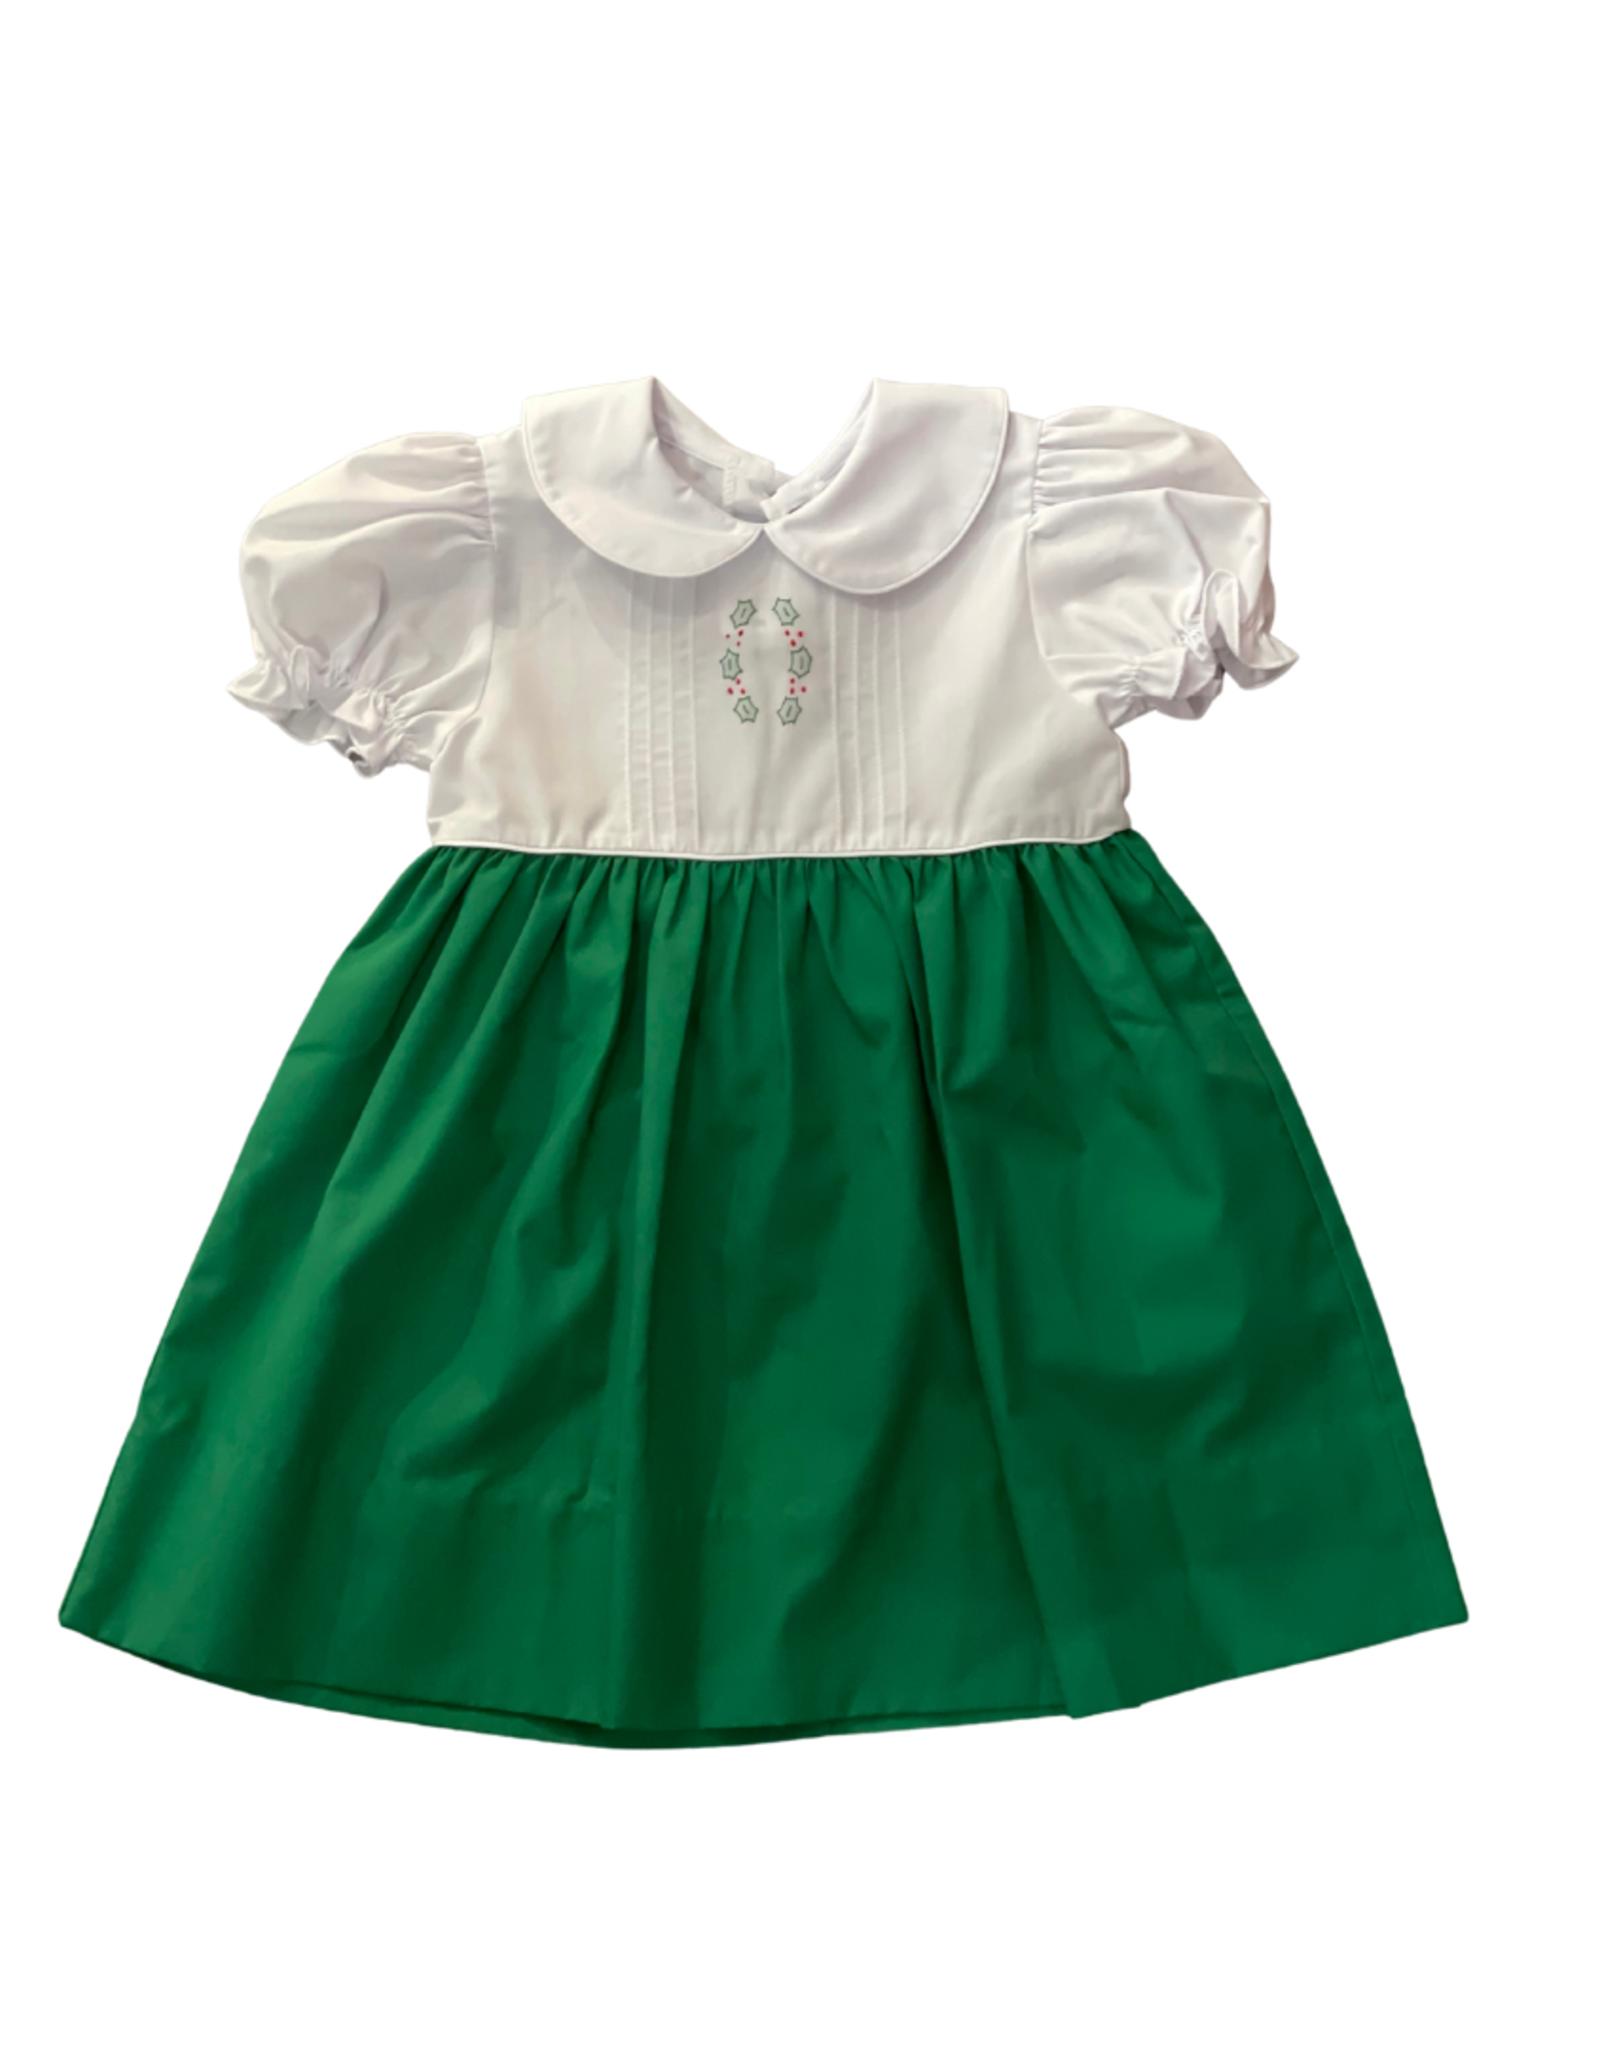 Auraluz Green Holly Dress